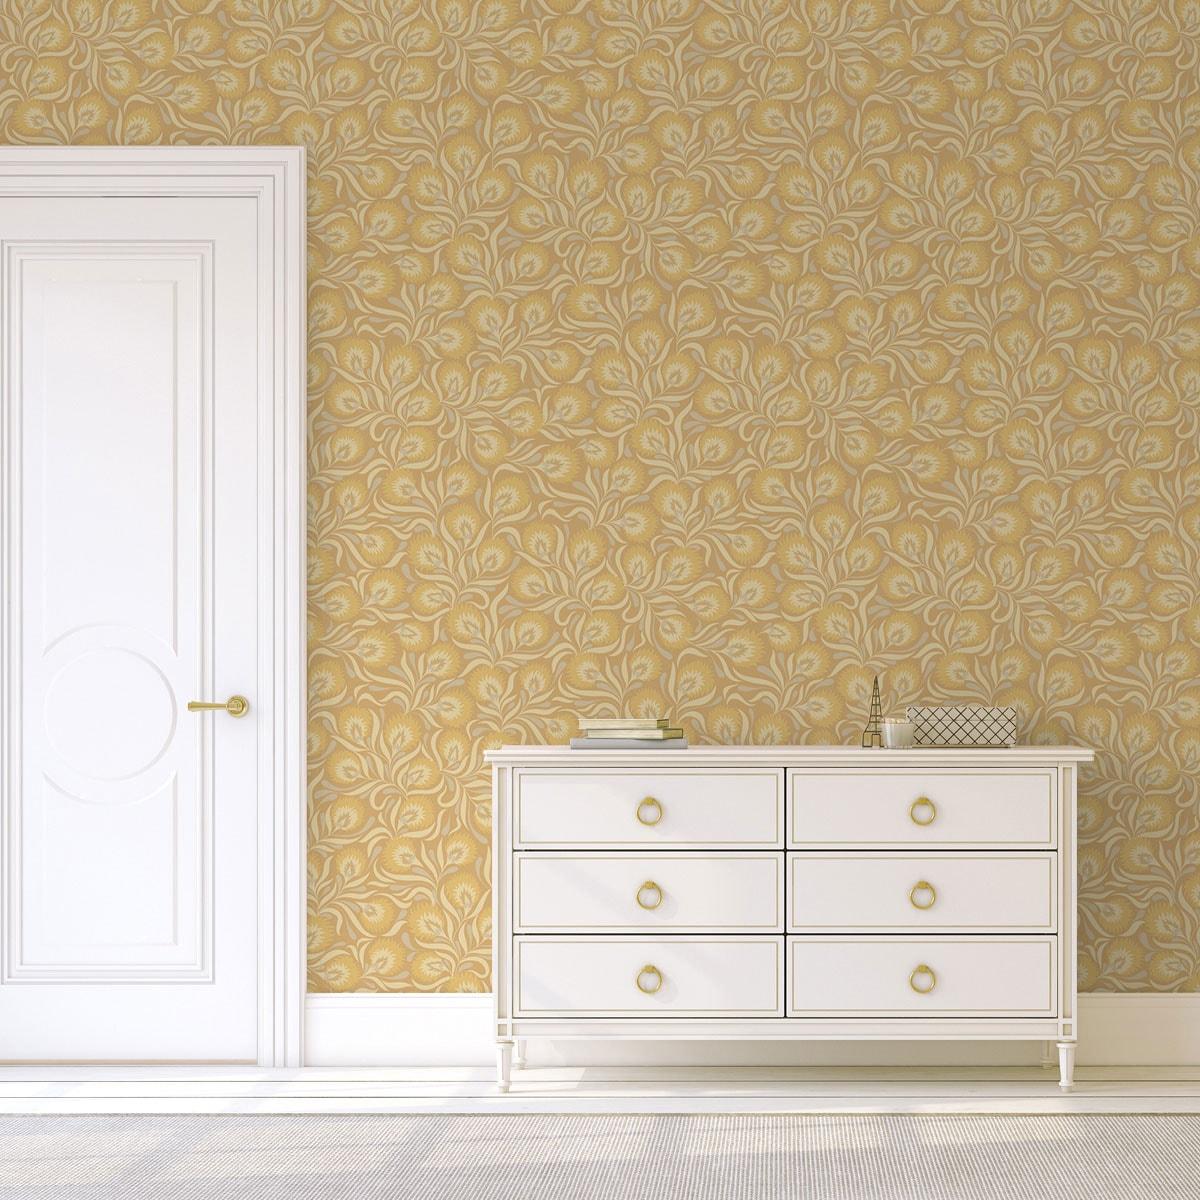 Wohnzimmer Tapete creme: Jugendstil Tapete mit großen Blüten in gelb angepasst an Farrow & Ball Wandfarben- Vliestapete Blumen